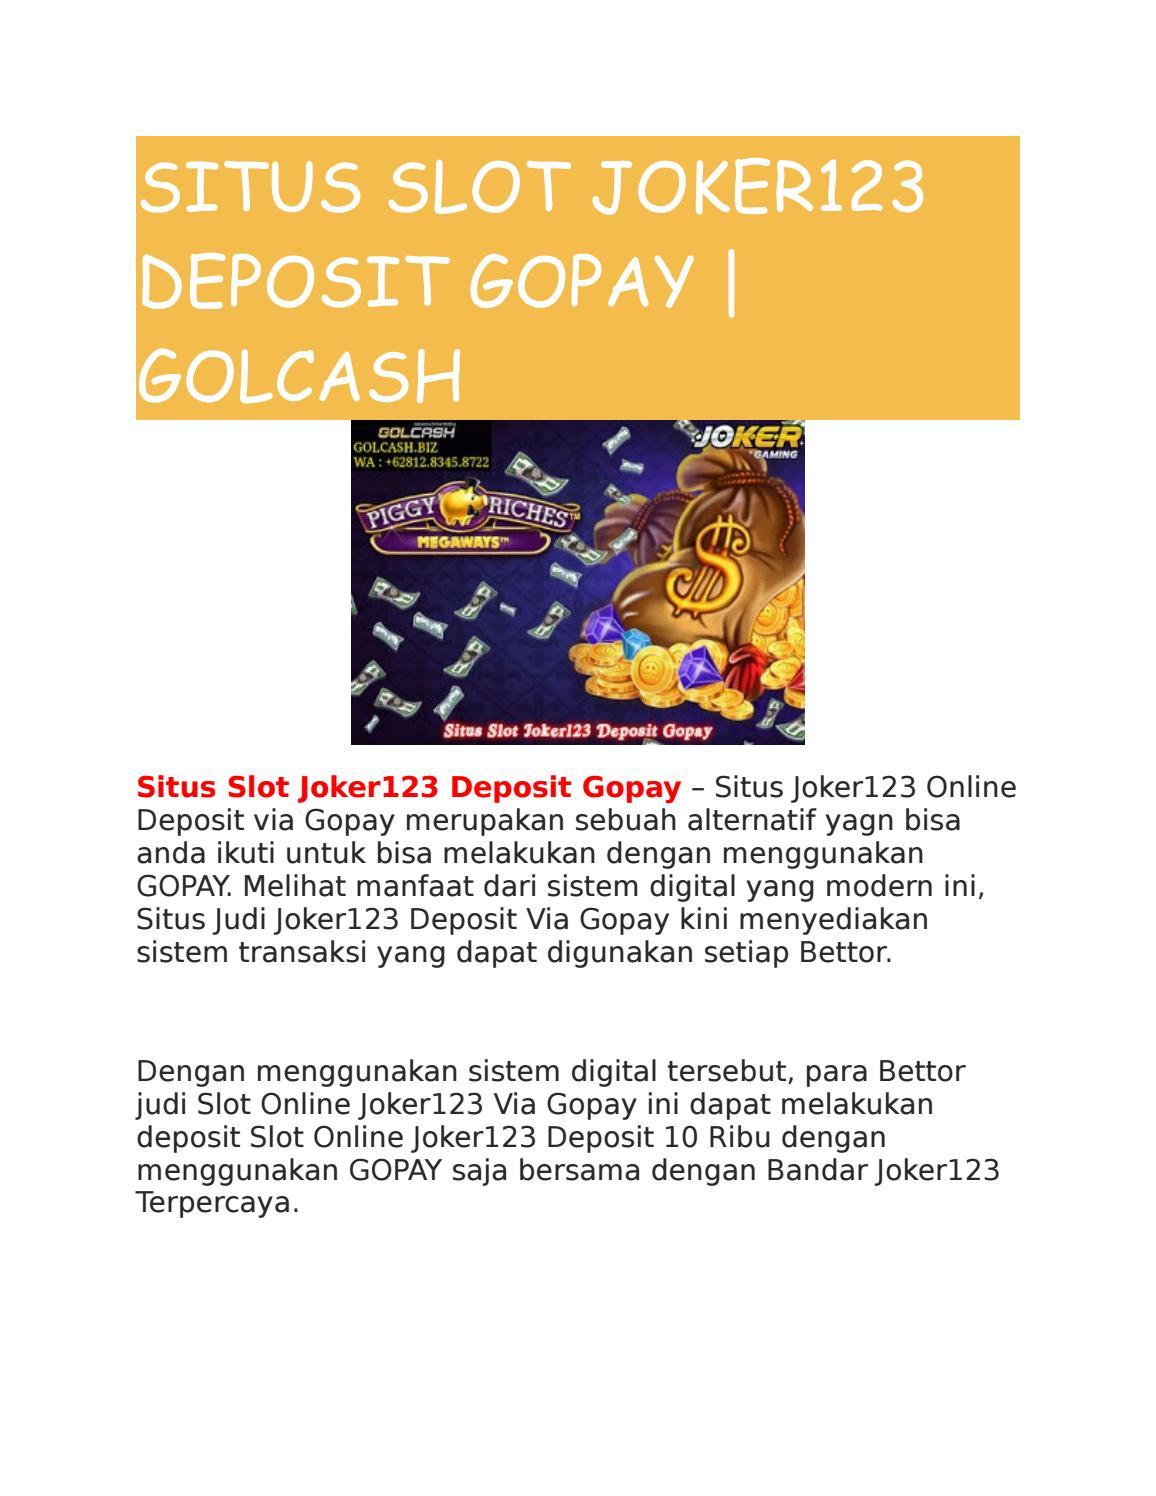 Situs Slot Joker123 Deposit Gopay Golcash By Golcash Issuu